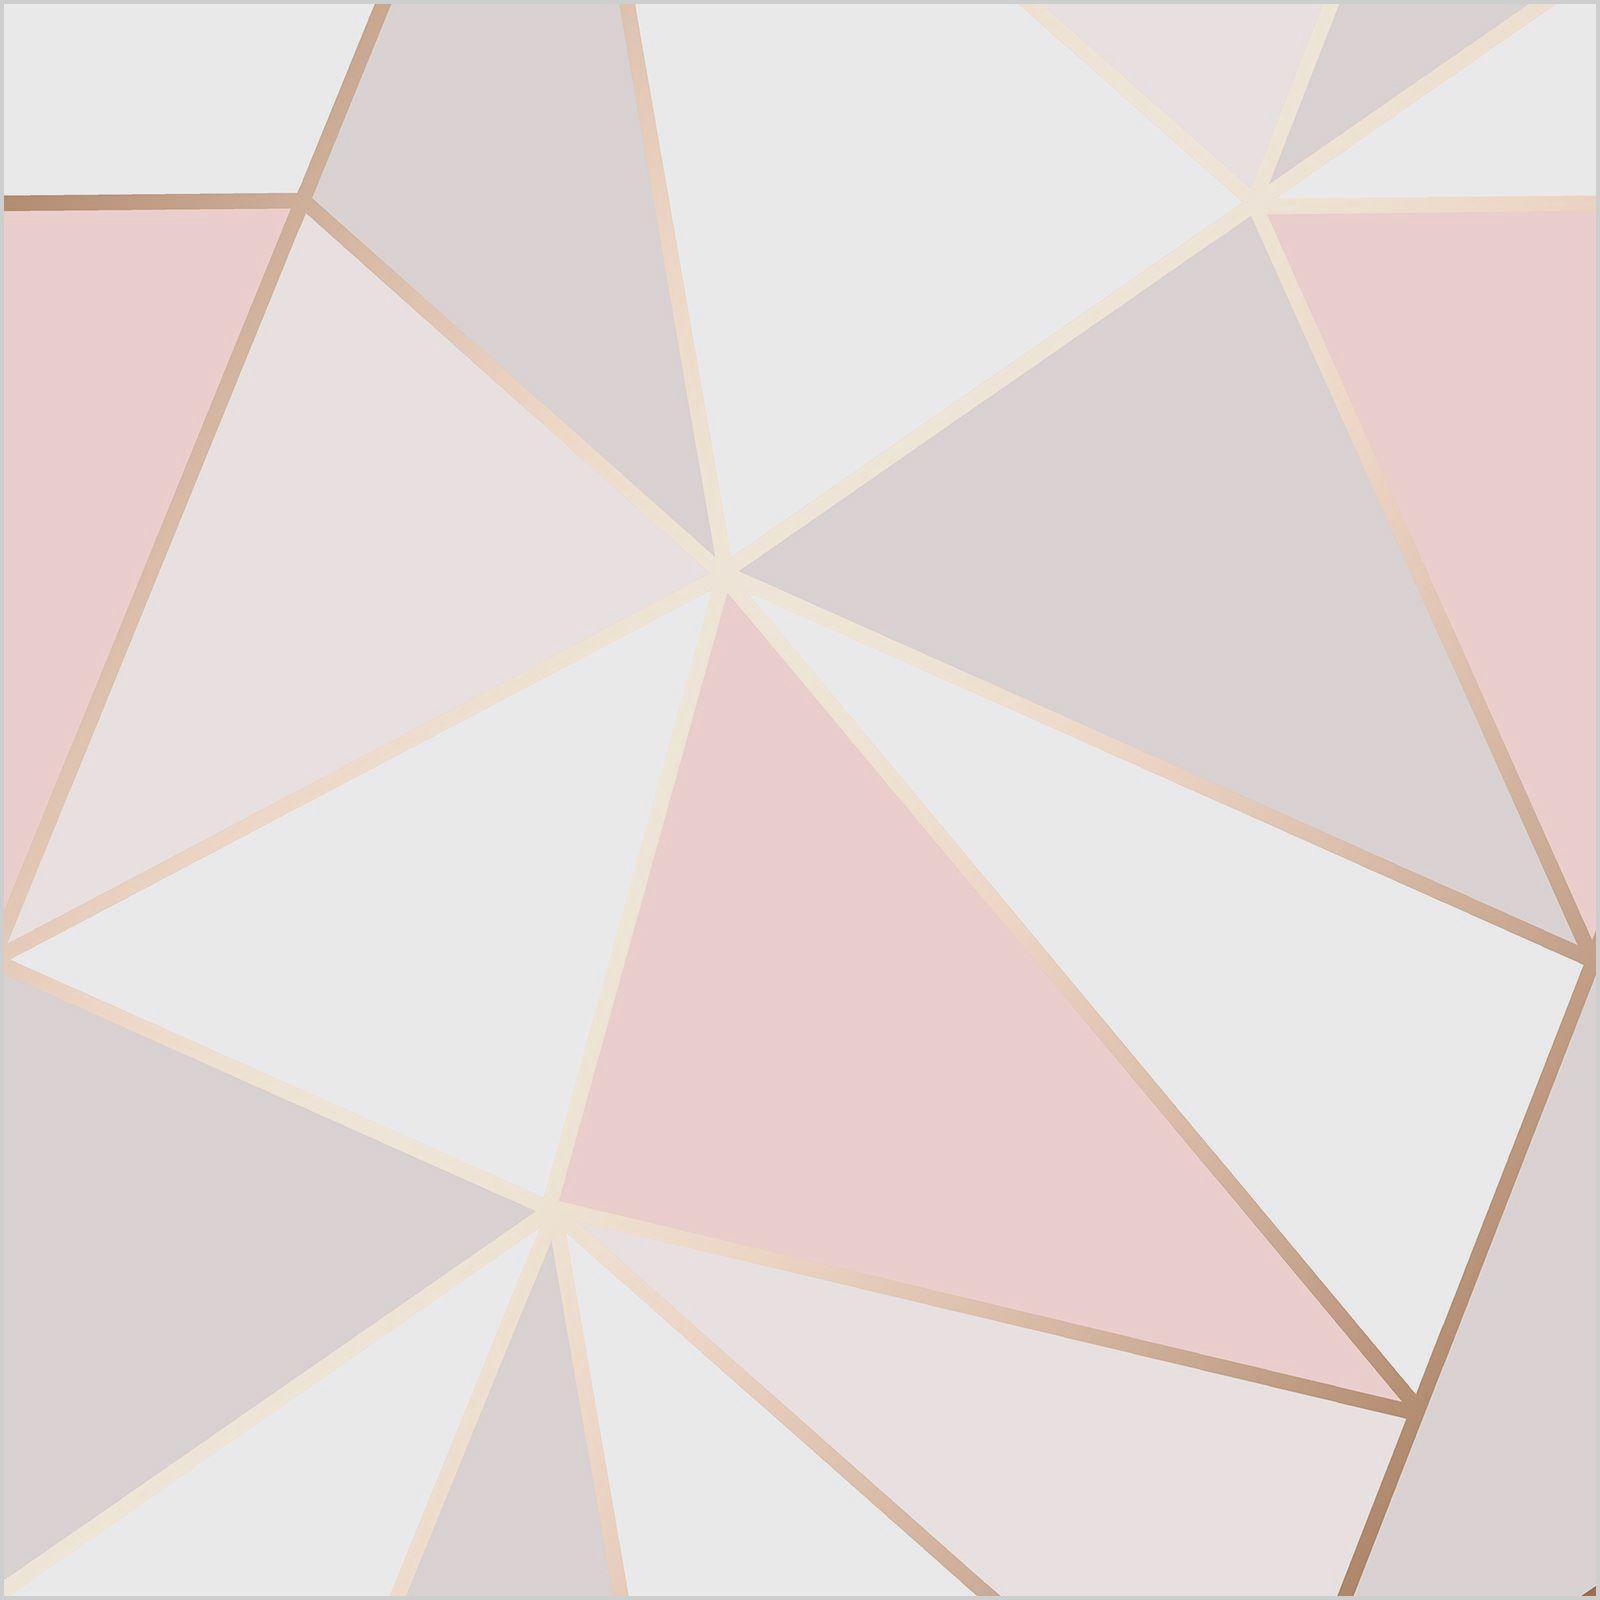 Rose Gold And Grey Bedroom Wallpaper Ide Kamar Tidur Geometri Kertas Dinding Bedroom wallpaper rose gold